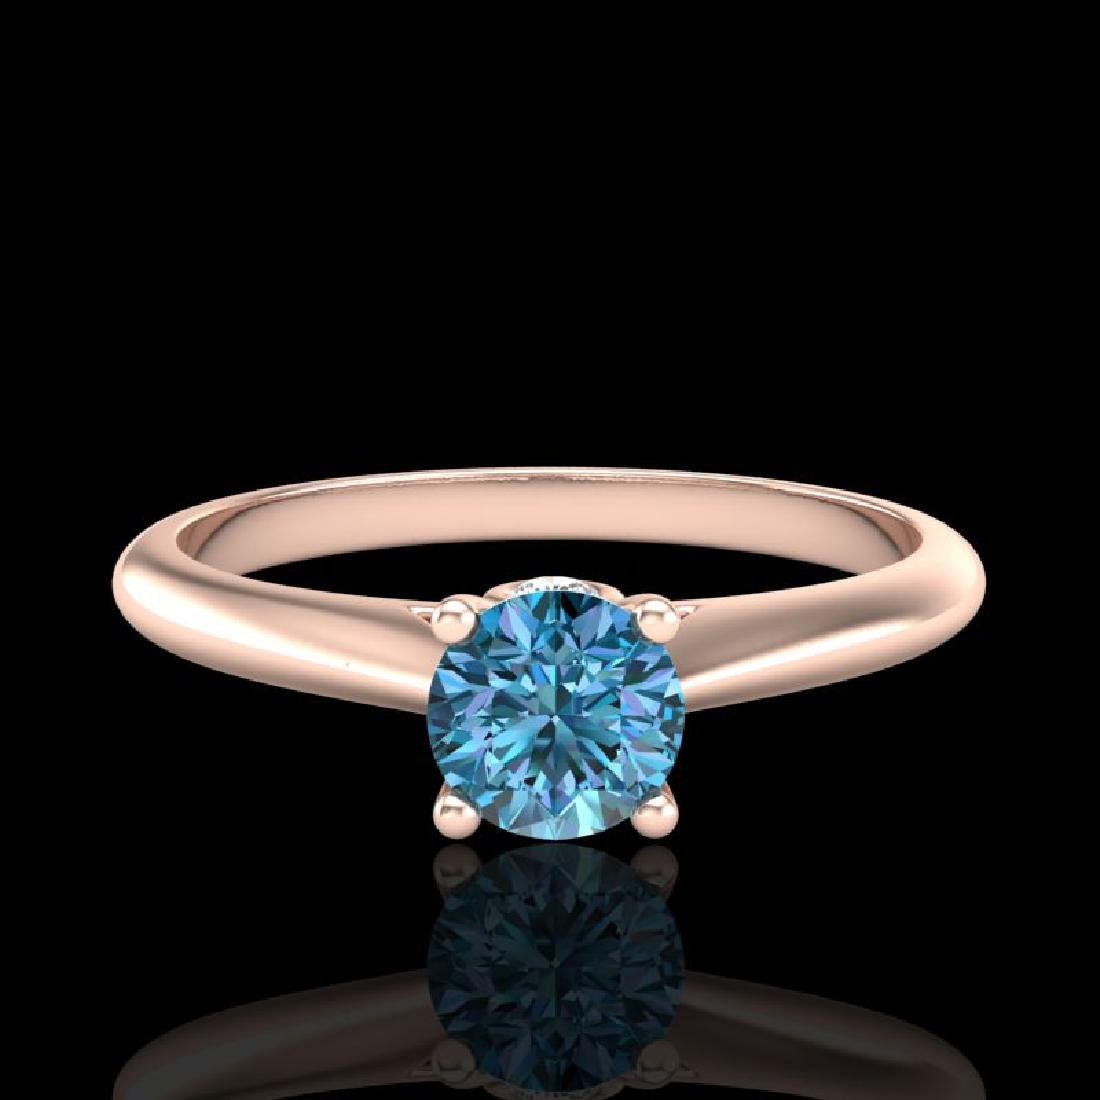 0.4 CTW Intense Blue Diamond Solitaire Engagement Art - 2